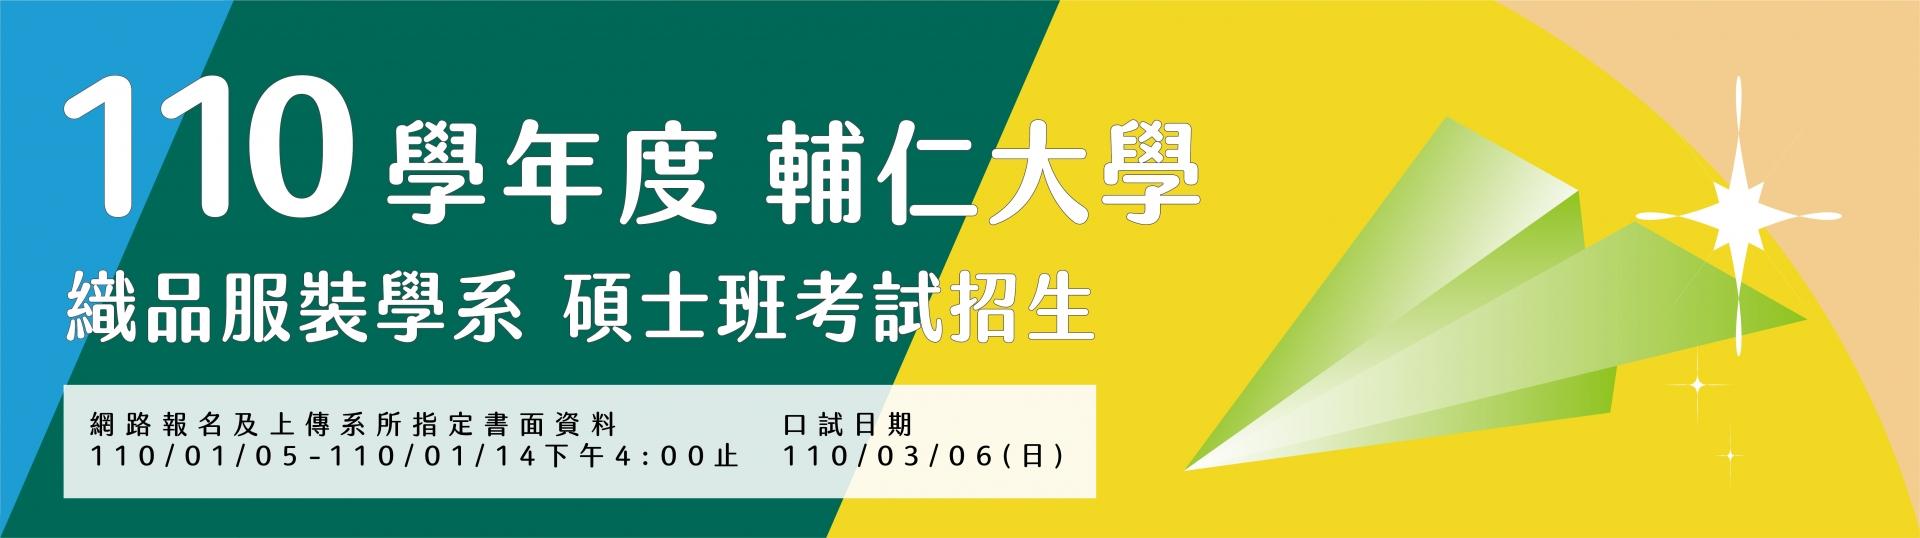 【110學年度碩士班考試】~簡章公布,110/1/5開始網路報名及上傳書面資料!!